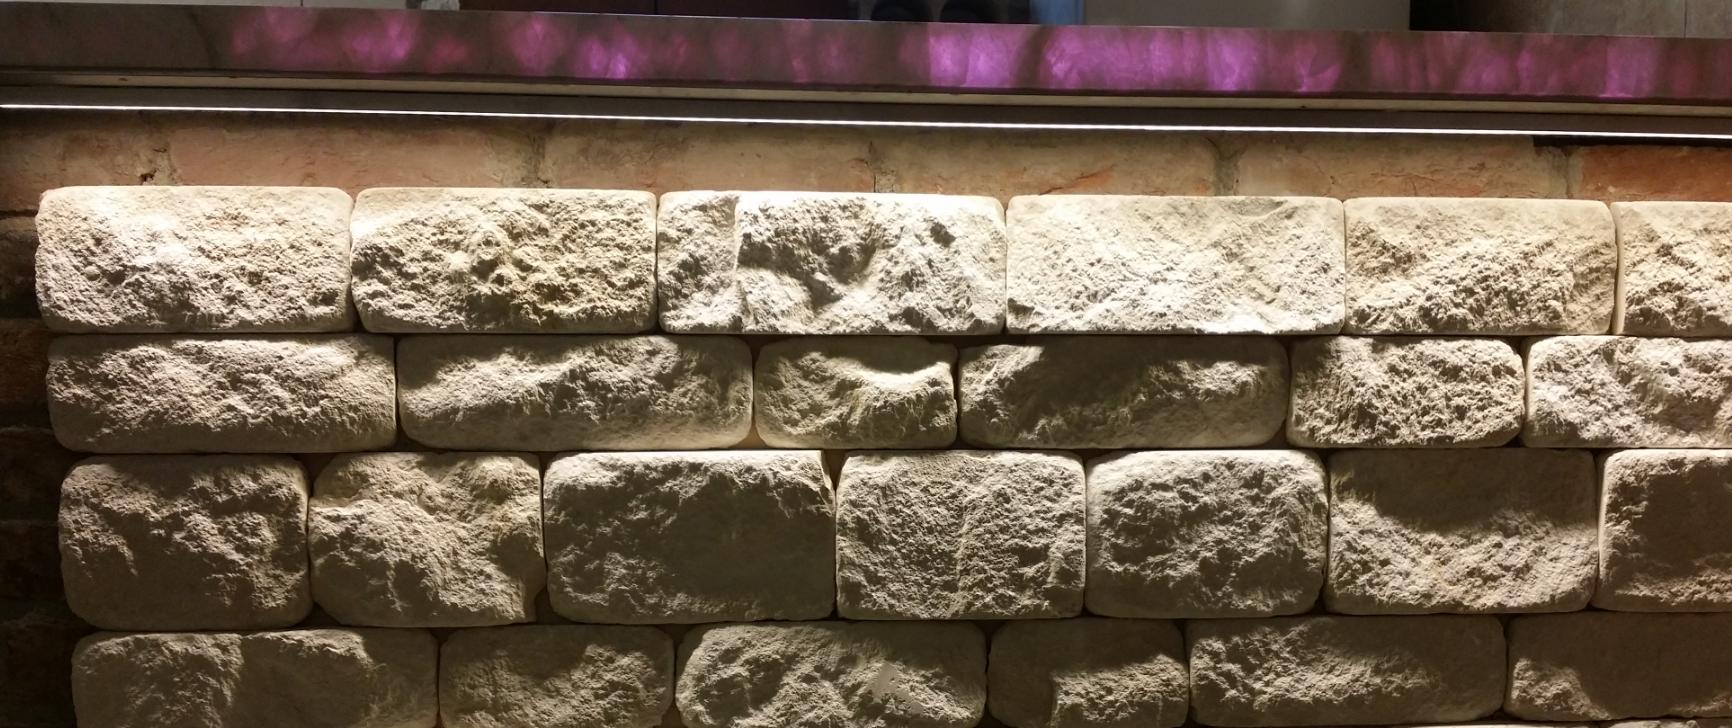 MauerbeleuchtungVillaindoor